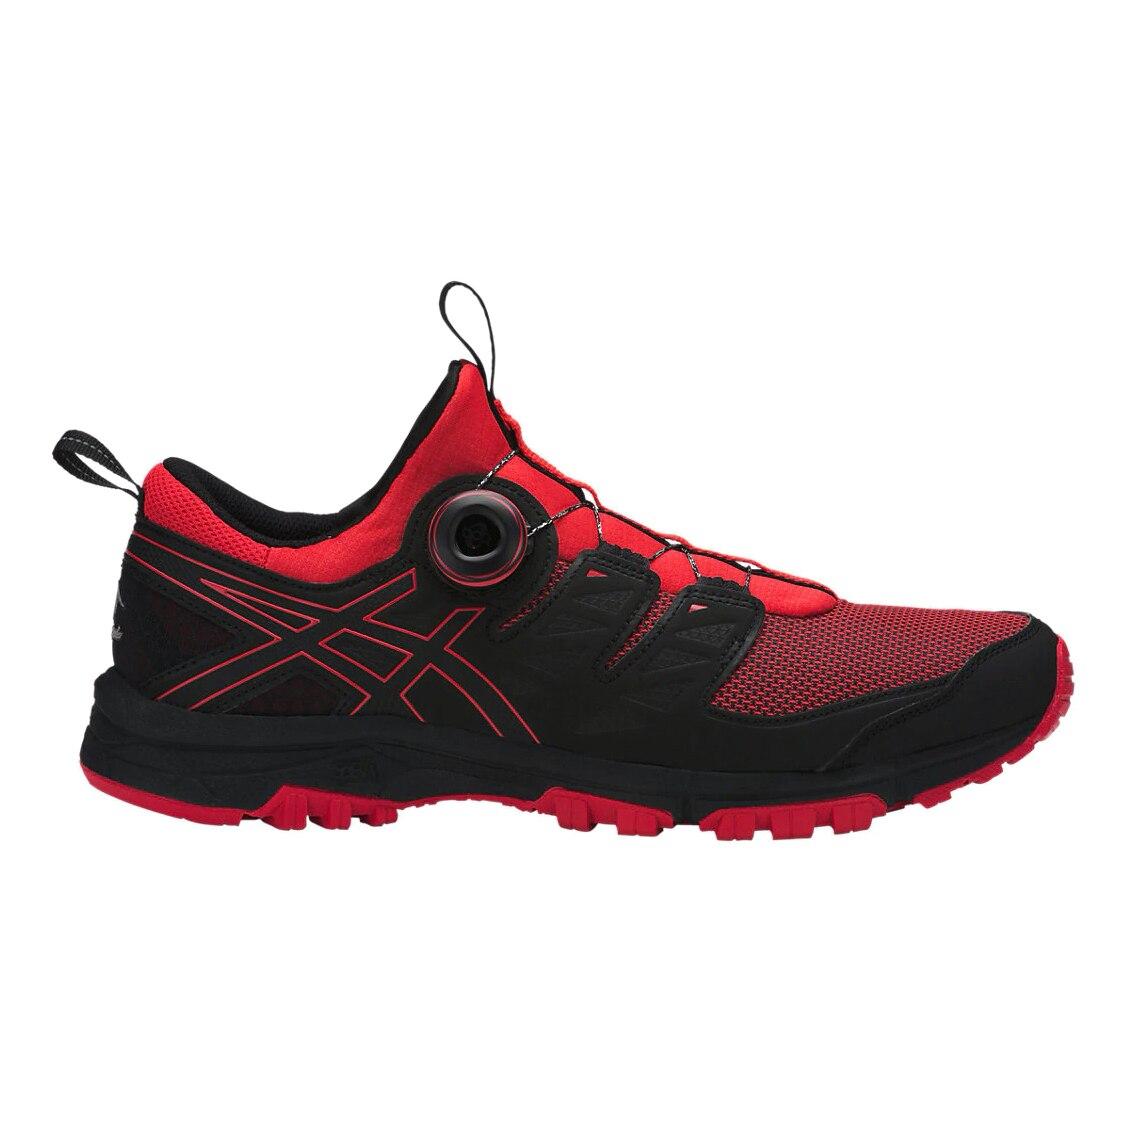 Running shoes ASICS (GEL-Fuji Rado) Men's TmallFS SportFS все цены